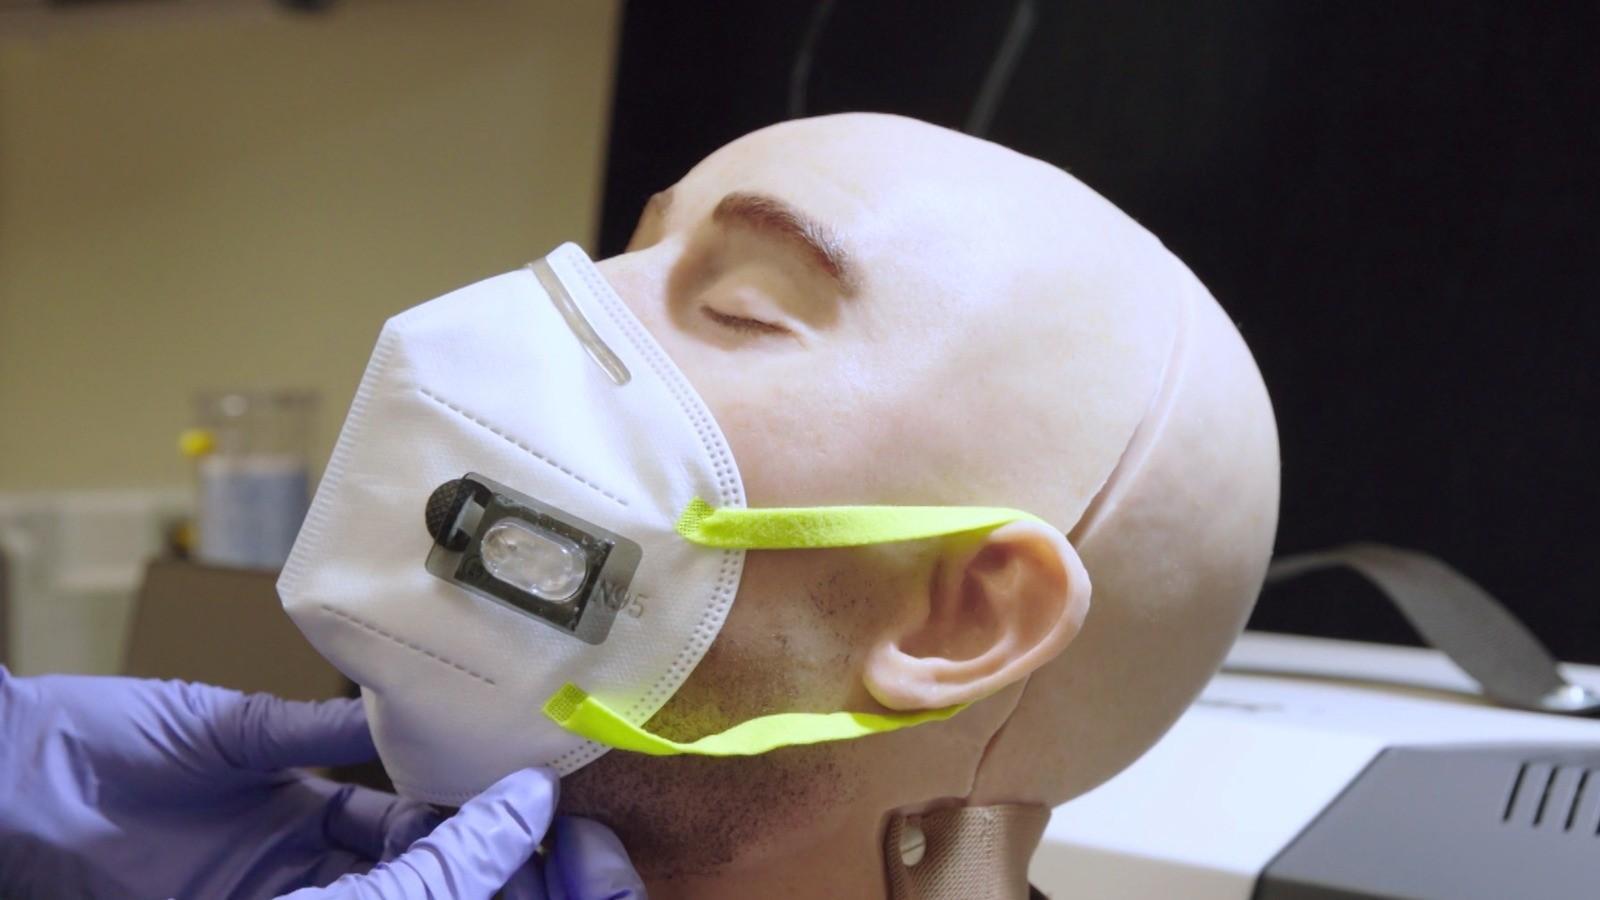 Masca de protecţie care poate detecta Covid-19 în doar o oră şi jumătate